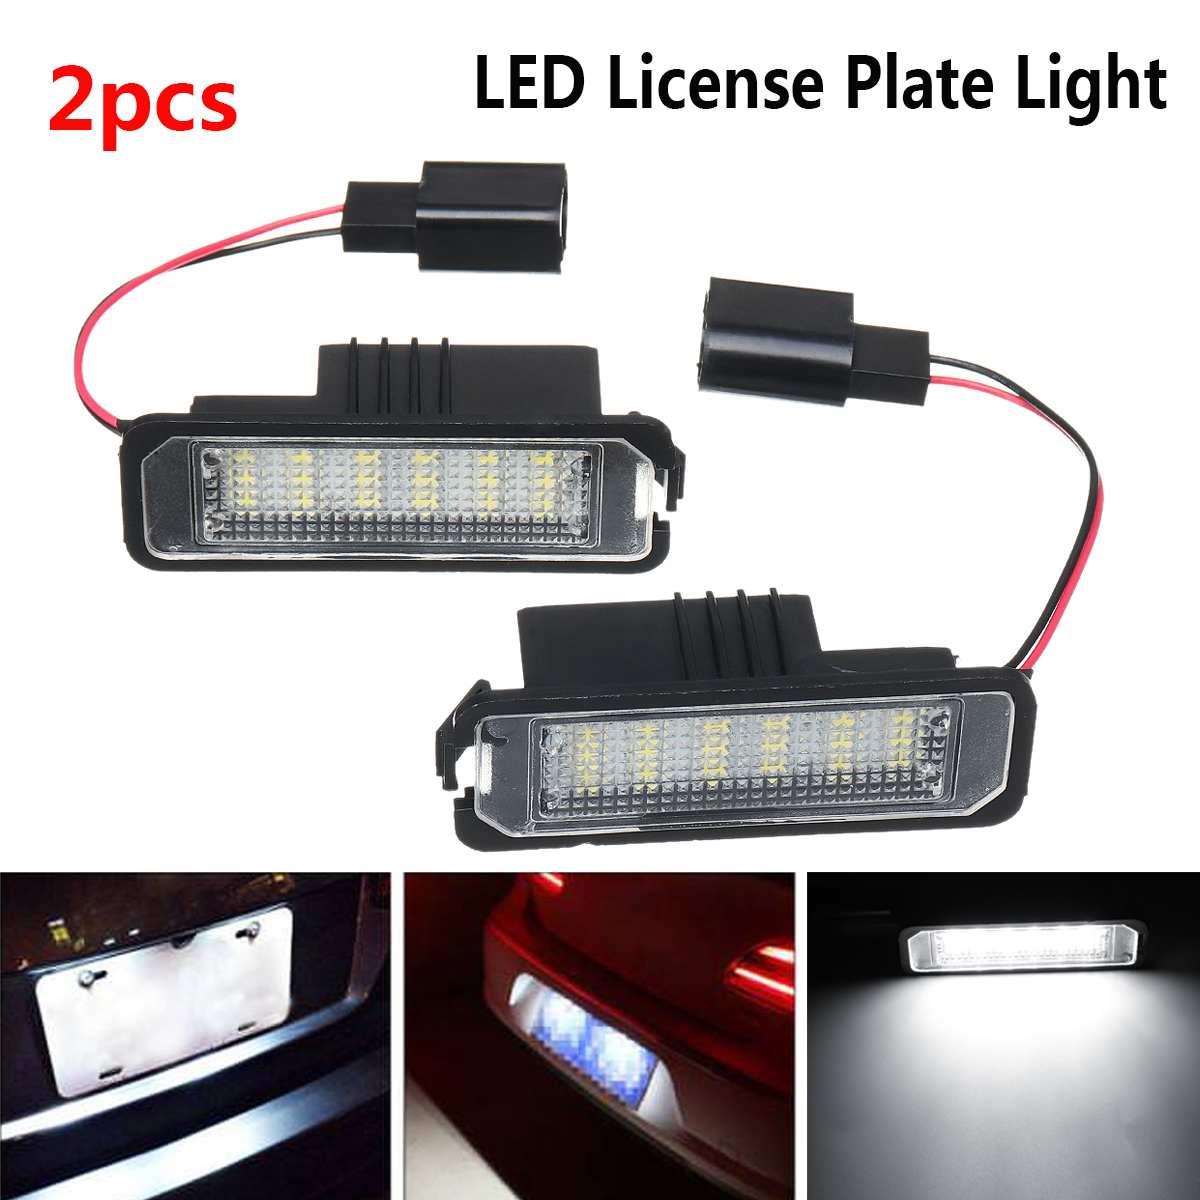 2Pcs 12V 5W LED Anzahl License Platte Licht Lampen für VW GOLF 4 6 Polo 9N für passat Auto Lizenz Platte Lichter Außen Zugang